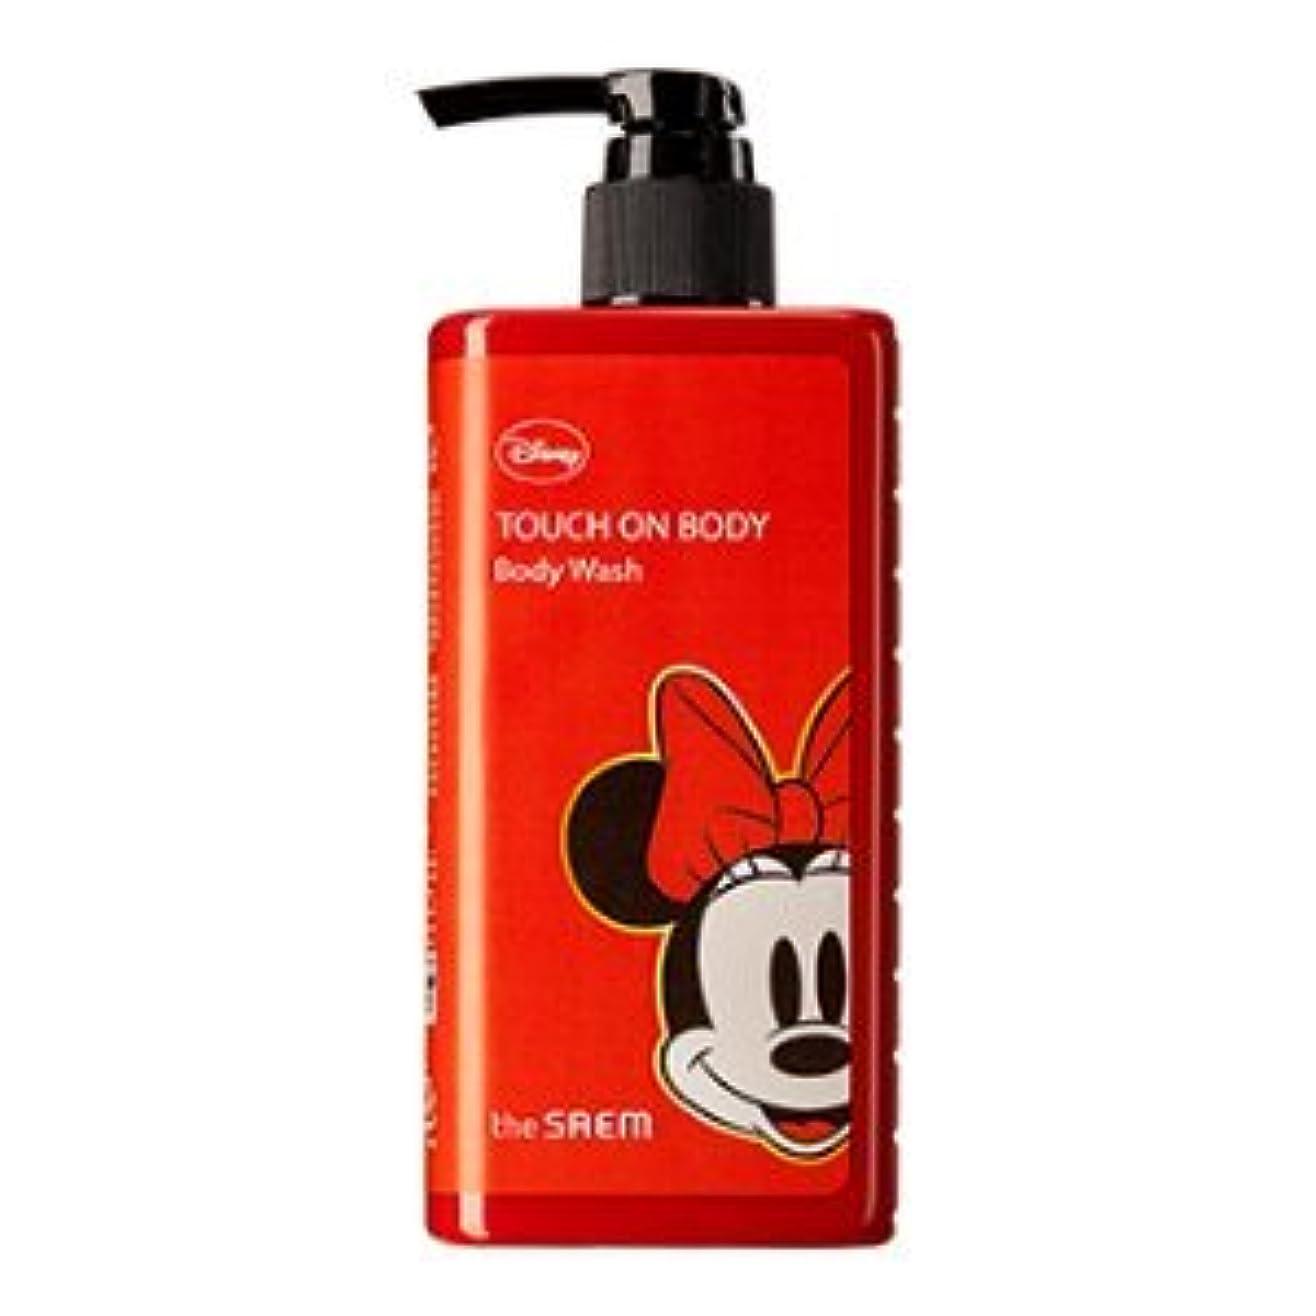 サイト決済前方へ(The Saem X Disney)Touch On Body Acerola Body Wash 300ml / ザセム タッチオンボディーアセロラボディーウォッシュ (ディズニーエディション) [並行輸入品]